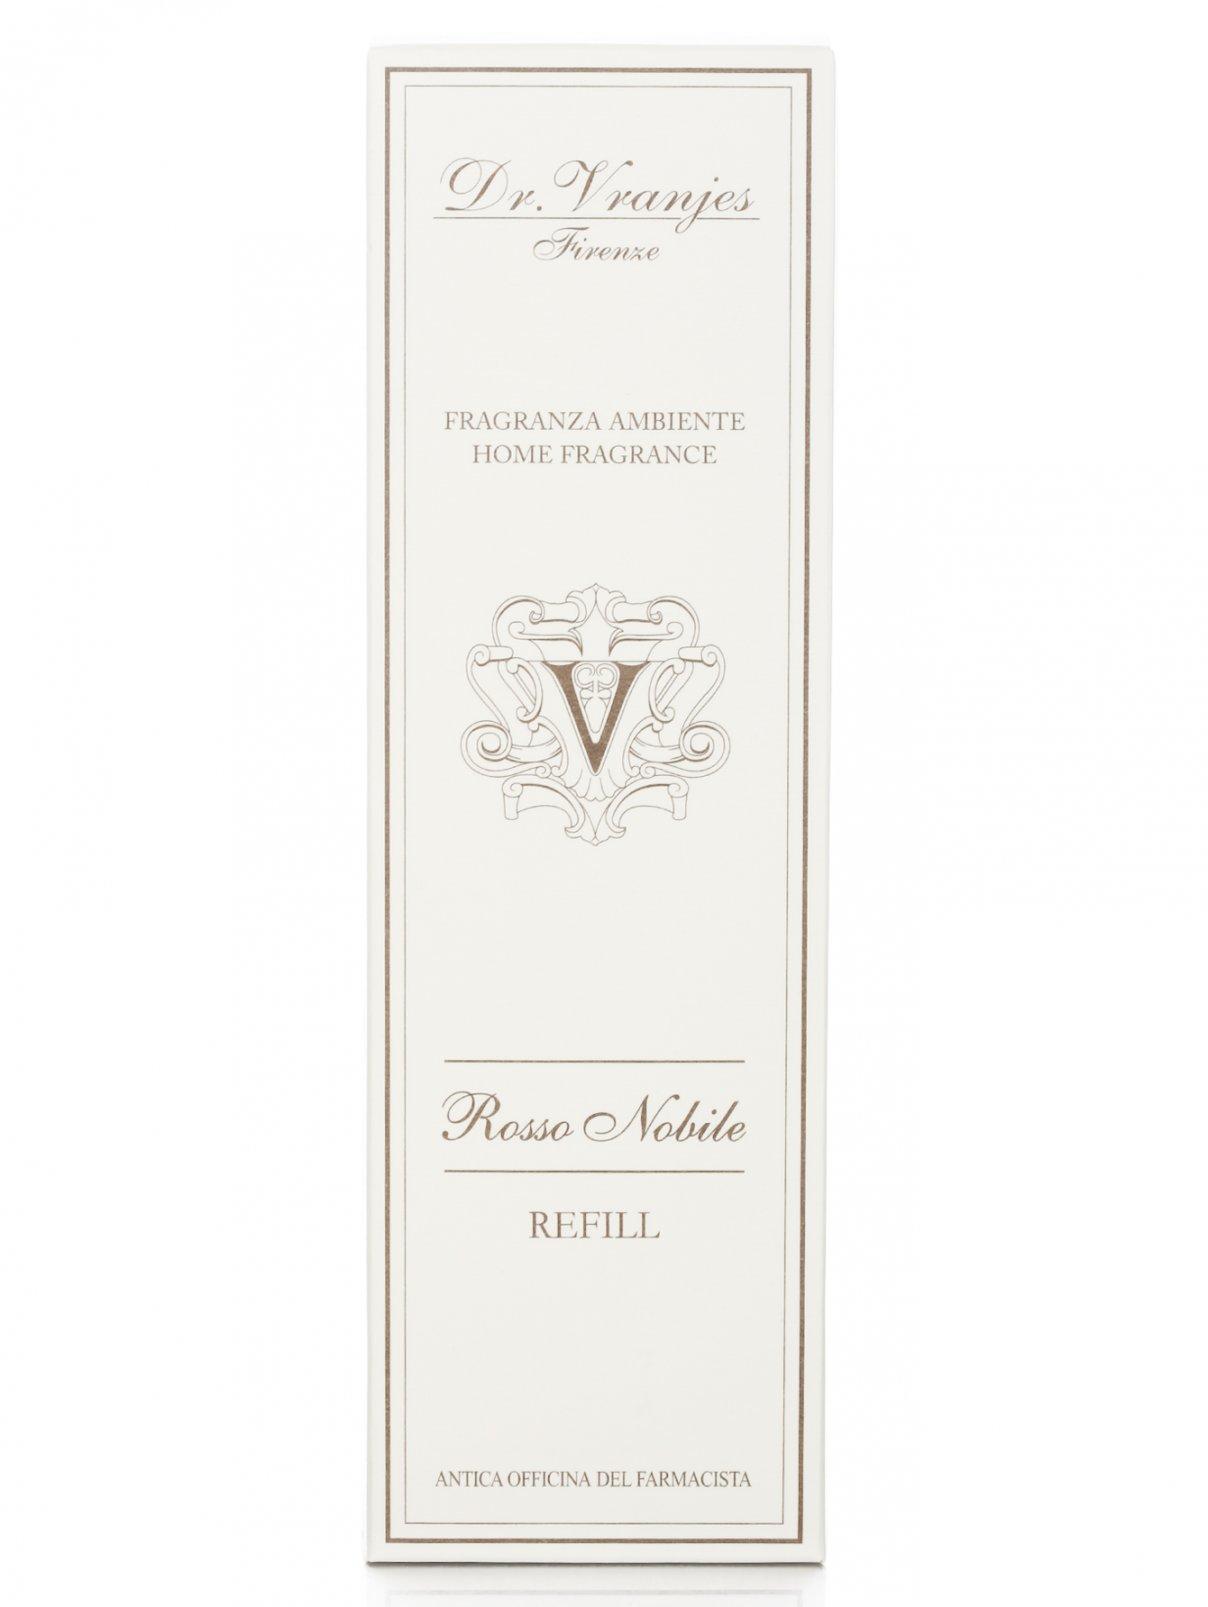 Наполнитель для диффузора Rosso Nobile - Home Fragrance, 500ml Dr. Vranjes  –  Модель Общий вид